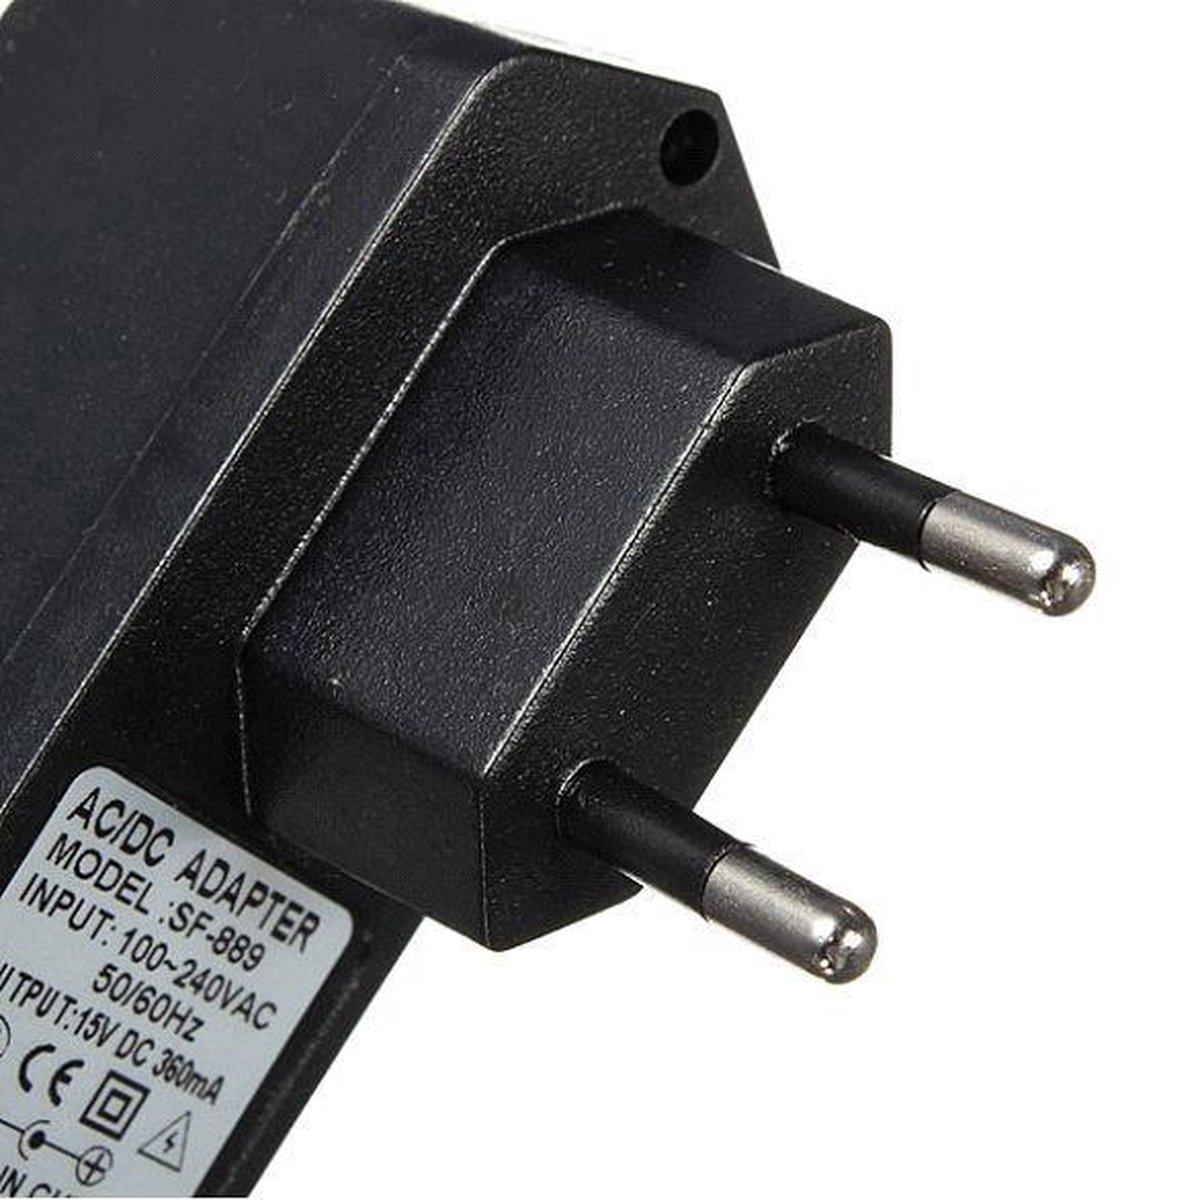 Oplader netstekker adapter voor Philips scheerapparaat